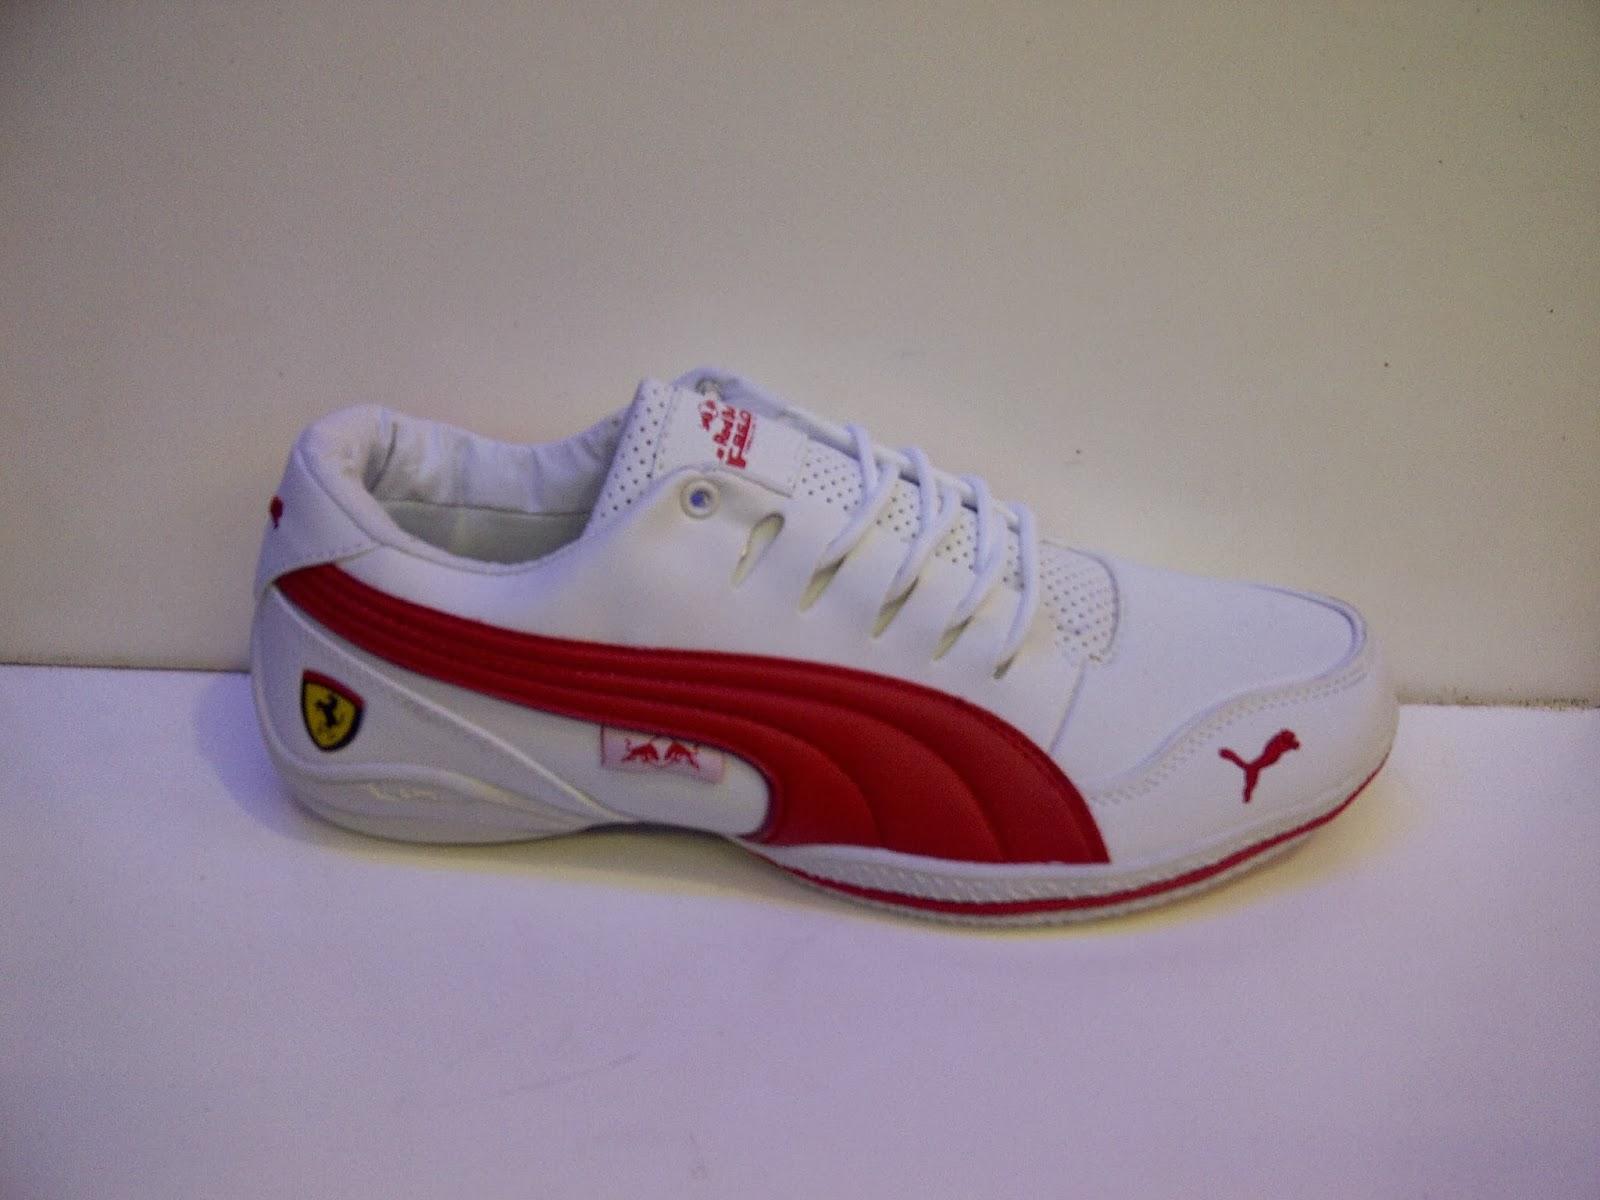 puma putih, sepatu puma, sepatu warna putih